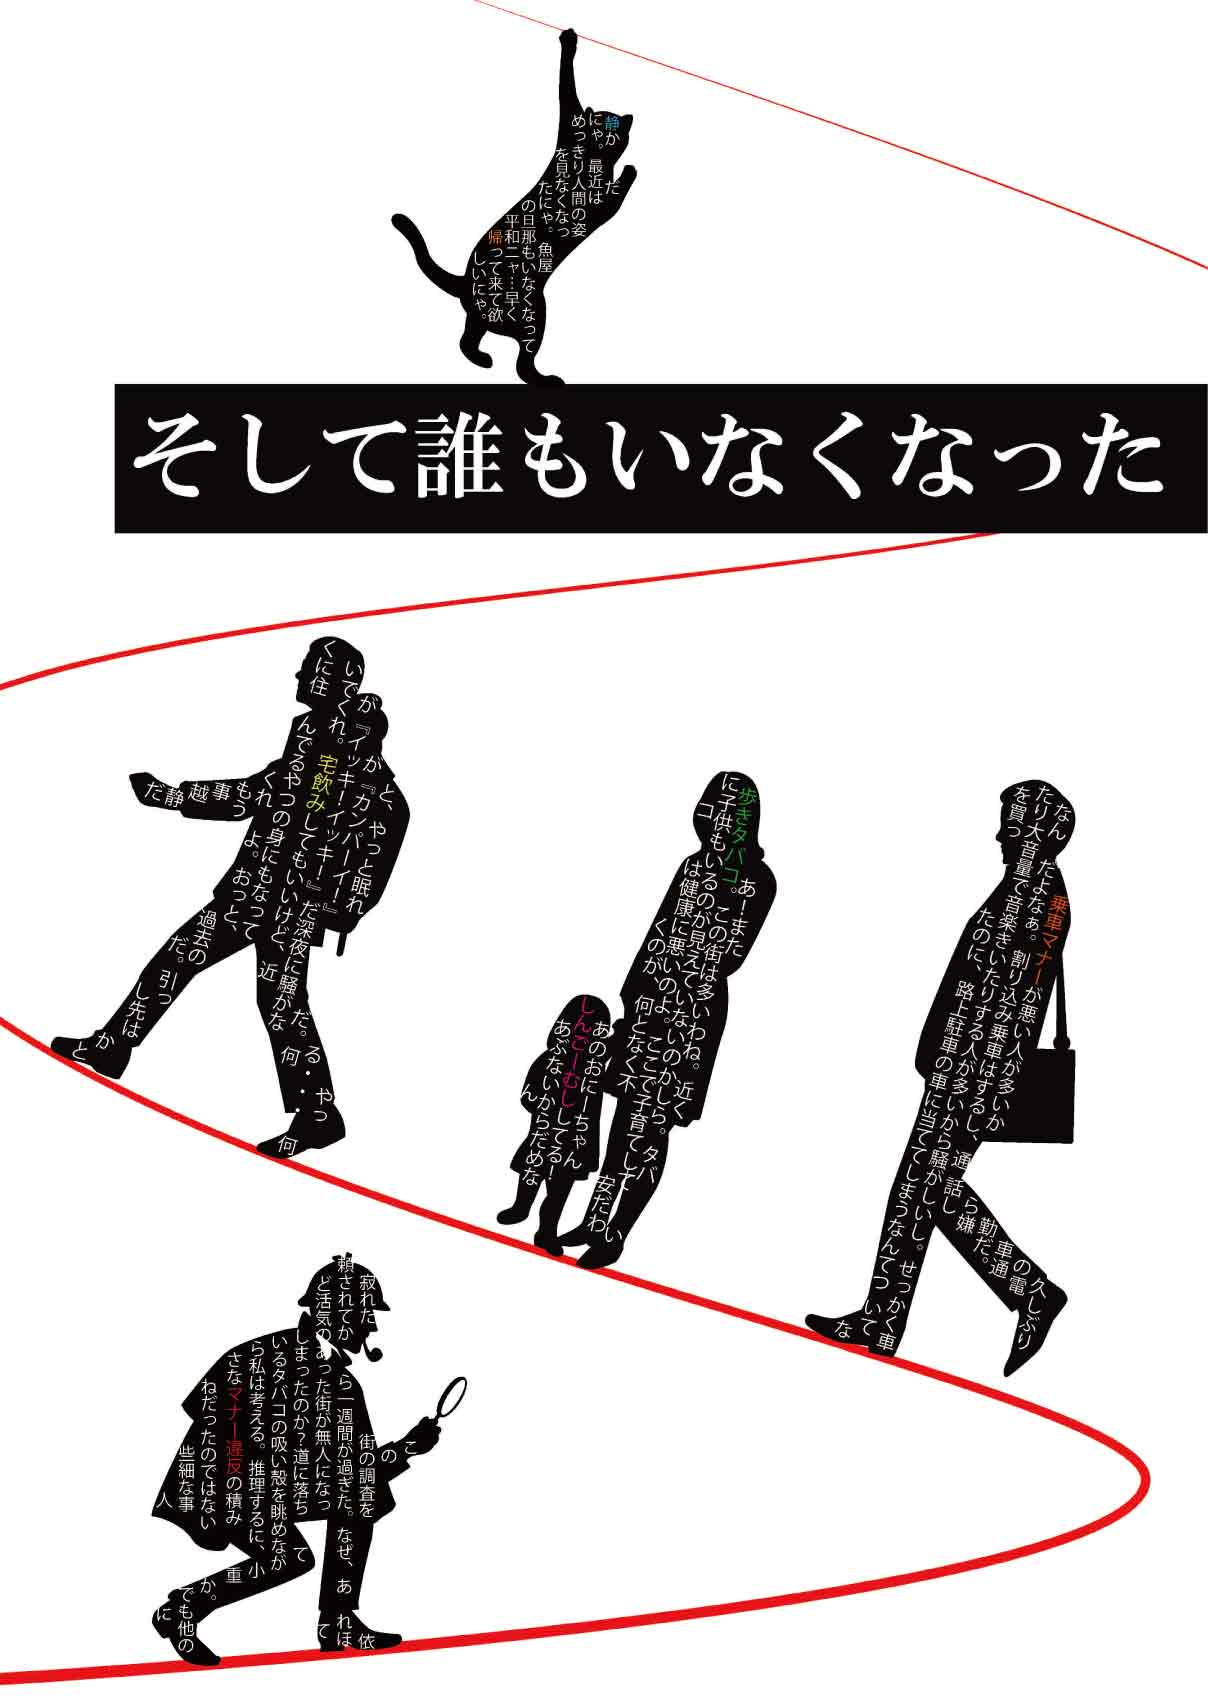 ポスター優秀賞「そして誰もいなくなった」近藤.jpg